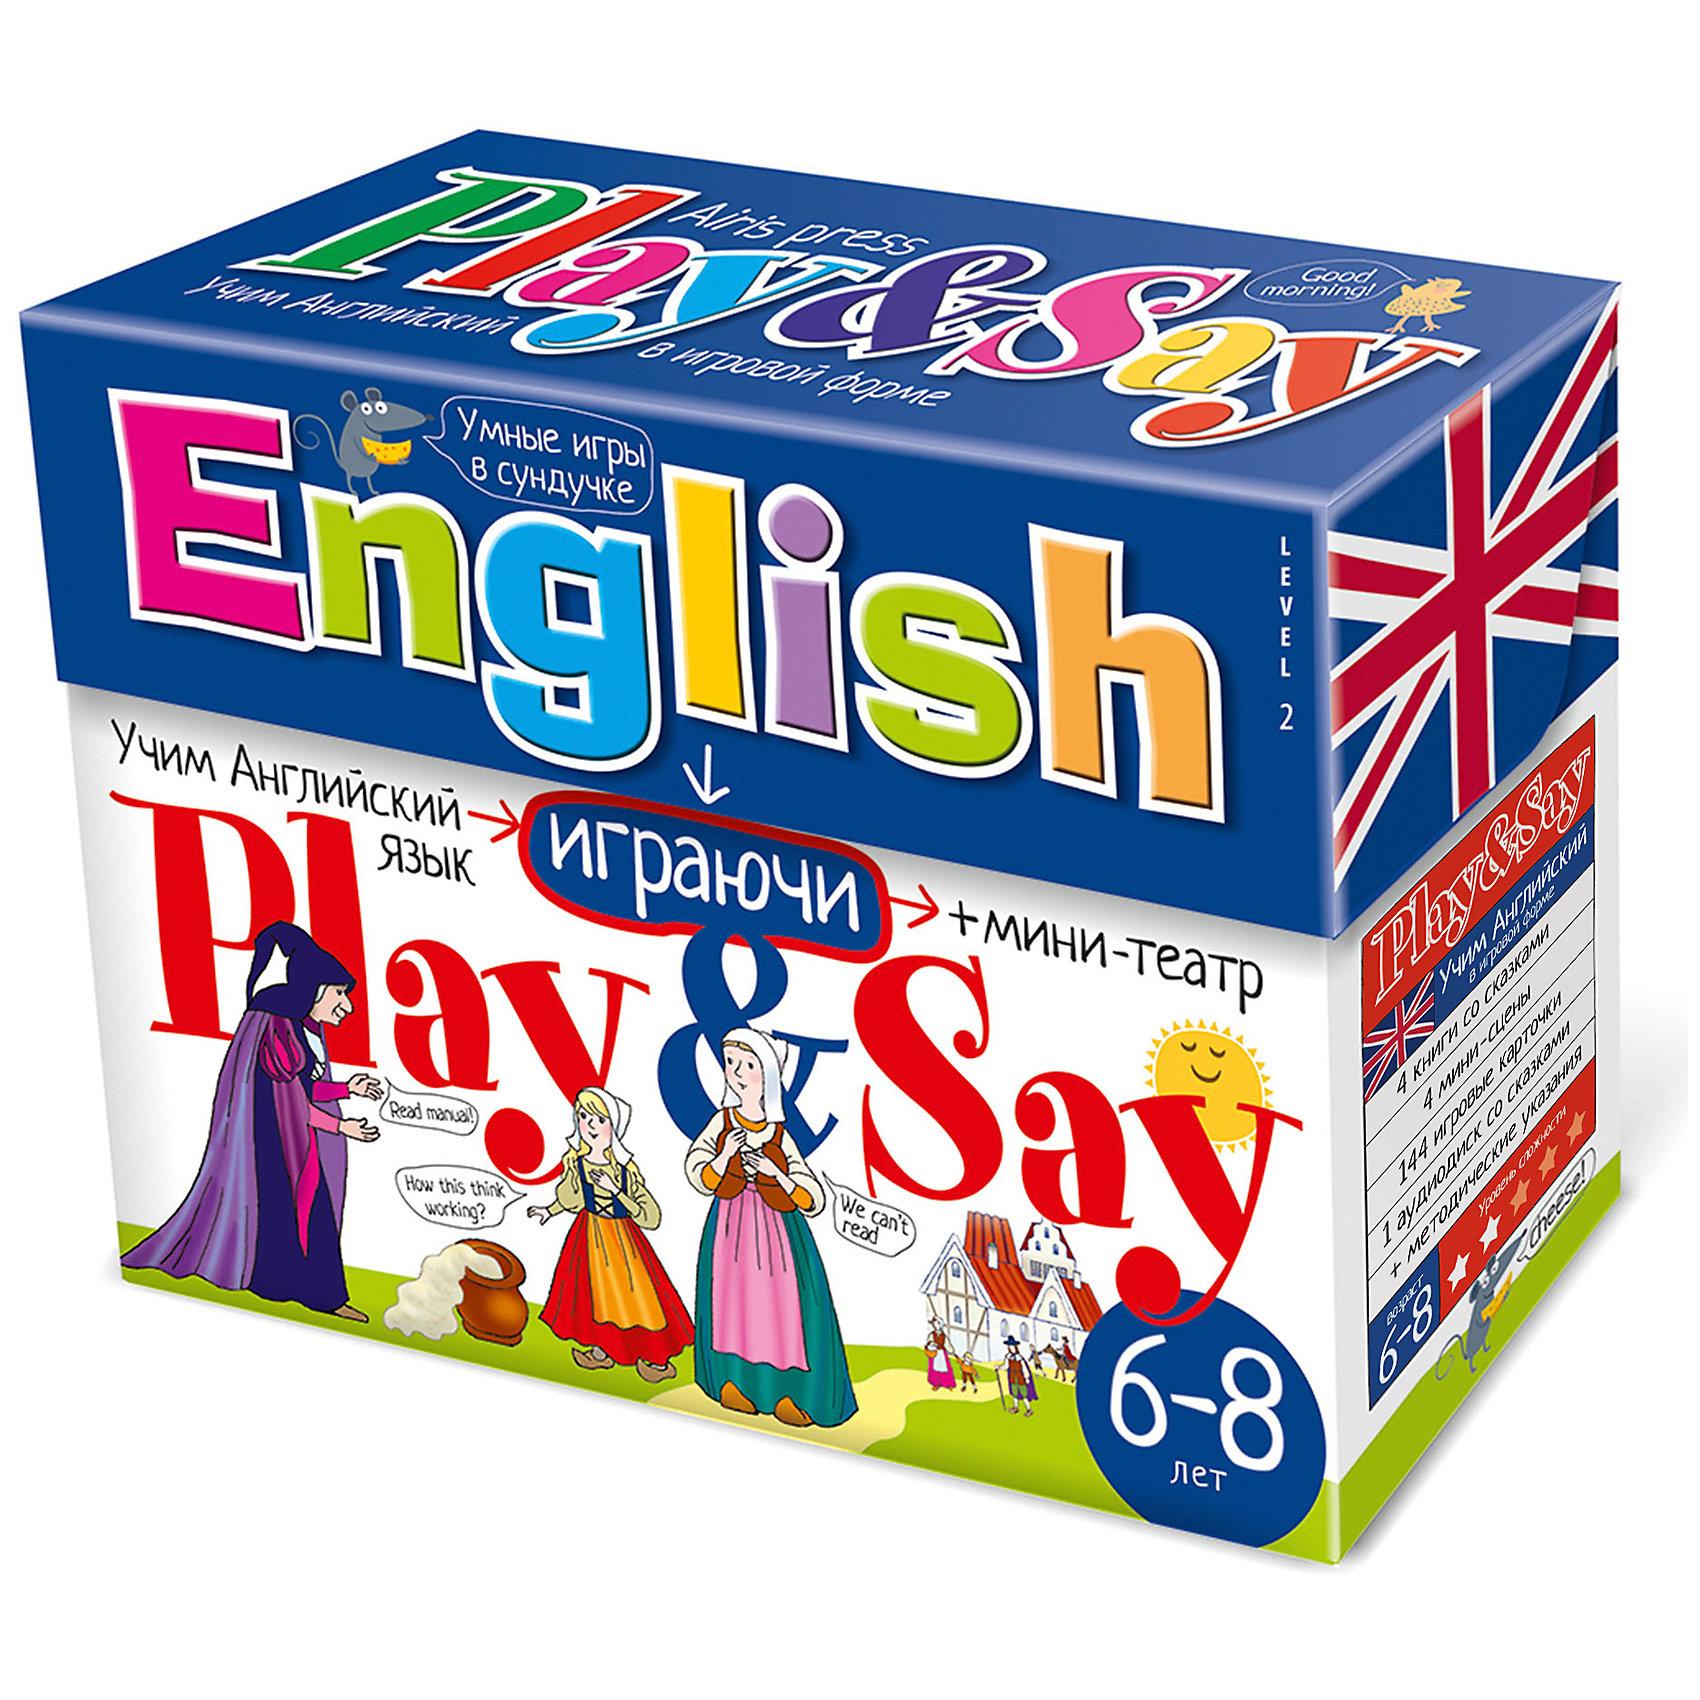 Учим английский язык Play&amp;Say, уровень 2, синийИностранный язык<br>Характеристики товара:<br><br>• возраст: от 5 лет<br>• комплектация: 4 книги со сказками («Колобок», «Златовласка», «Волшебный горшочек каши», «Три поросёнка становятся детективами»); компакт-диск; набор игровых карточек; объемный мини-театр (4 мини-сцены, герои, предметы из сказок); сборник с методическими рекомендациями.<br>• художники: Скрипниченко Кира, Башлыкова А. В., Кукушкин А. И. и другие<br>• редактор: Владимирова А. А.<br>• производитель: Айрис-пресс<br>• серия: Умные игры в сундучке<br>• упаковка: картонная коробка-сундучок<br>• размер упаковки: 16,5х22,5х7,6 см.<br>• вес: 678 гр.<br><br>Набор Учим английский язык «Play&amp;Say», уровень 2 из серии «Умные игры в сундучке» поможет детям преодолеть языковой барьер и начать говорить по-английски.<br><br>В набор входят 4 книги со сказками, адаптированными специально для детей младшего школьного возраста («Колобок», «Златовласка», «Волшебный горшочек каши», «Три поросёнка становятся детективами»). К сказкам прилагается компакт-диск, на котором представлены аудиозаписи сказок. Также в сундучке вы найдёте набор игровых карточек, разработанный таким образом, что ребёнок во время игры сможет с удовольствием и не заметно для себя выучить новые английские слова (более 200 слов), научиться строить предложения, вести диалог, описывать героев и комментировать события. В набор также входит объемный мини-театр с игровыми фигурками (4 мини-сцены, герои и предметы из сказок). Мини-театр позволит разыграть четыре спектакля по мотивам входящих в набор сказок.<br><br>Кроме того, в сундучке вы найдёте сборник с методическими рекомендациями, который поможет вам правильно организовать работу со всеми элементами набора.<br><br>Набор Учим английский язык Play&amp;Say, уровень 2, синий можно купить в нашем интернет-магазине.<br><br>Ширина мм: 65<br>Глубина мм: 220<br>Высота мм: 165<br>Вес г: 700<br>Возраст от месяцев: -2147483648<br>Возраст до месяцев: 21474836